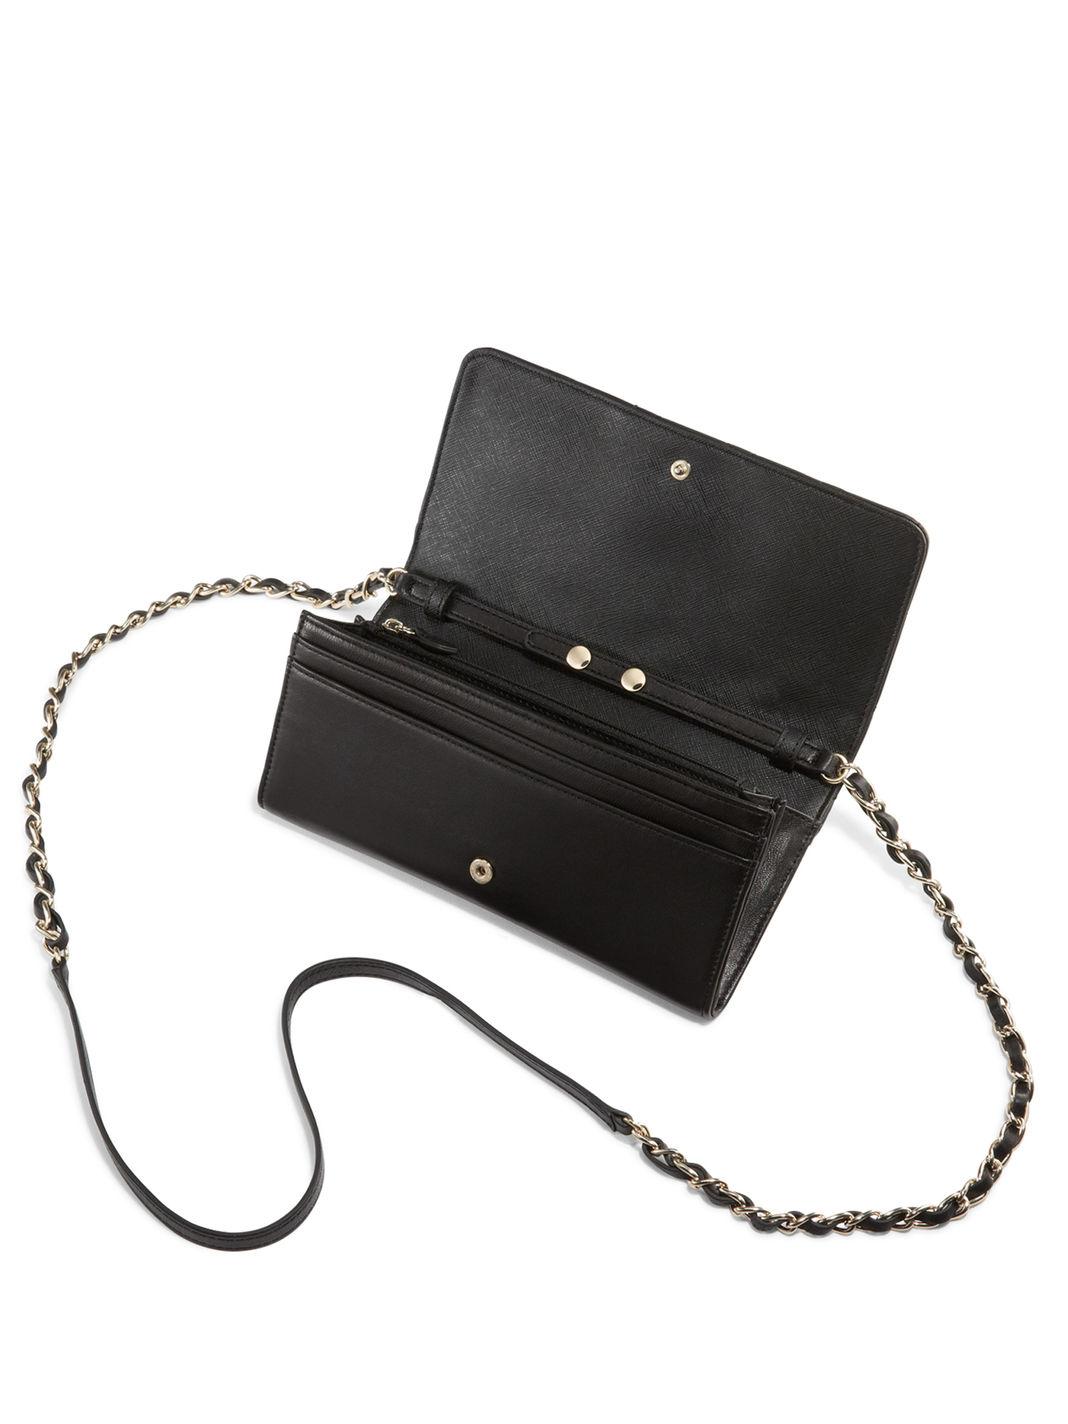 Dkny Black Wallet And Belt Gift Set in Black for Men | Lyst |Dkny Wallet